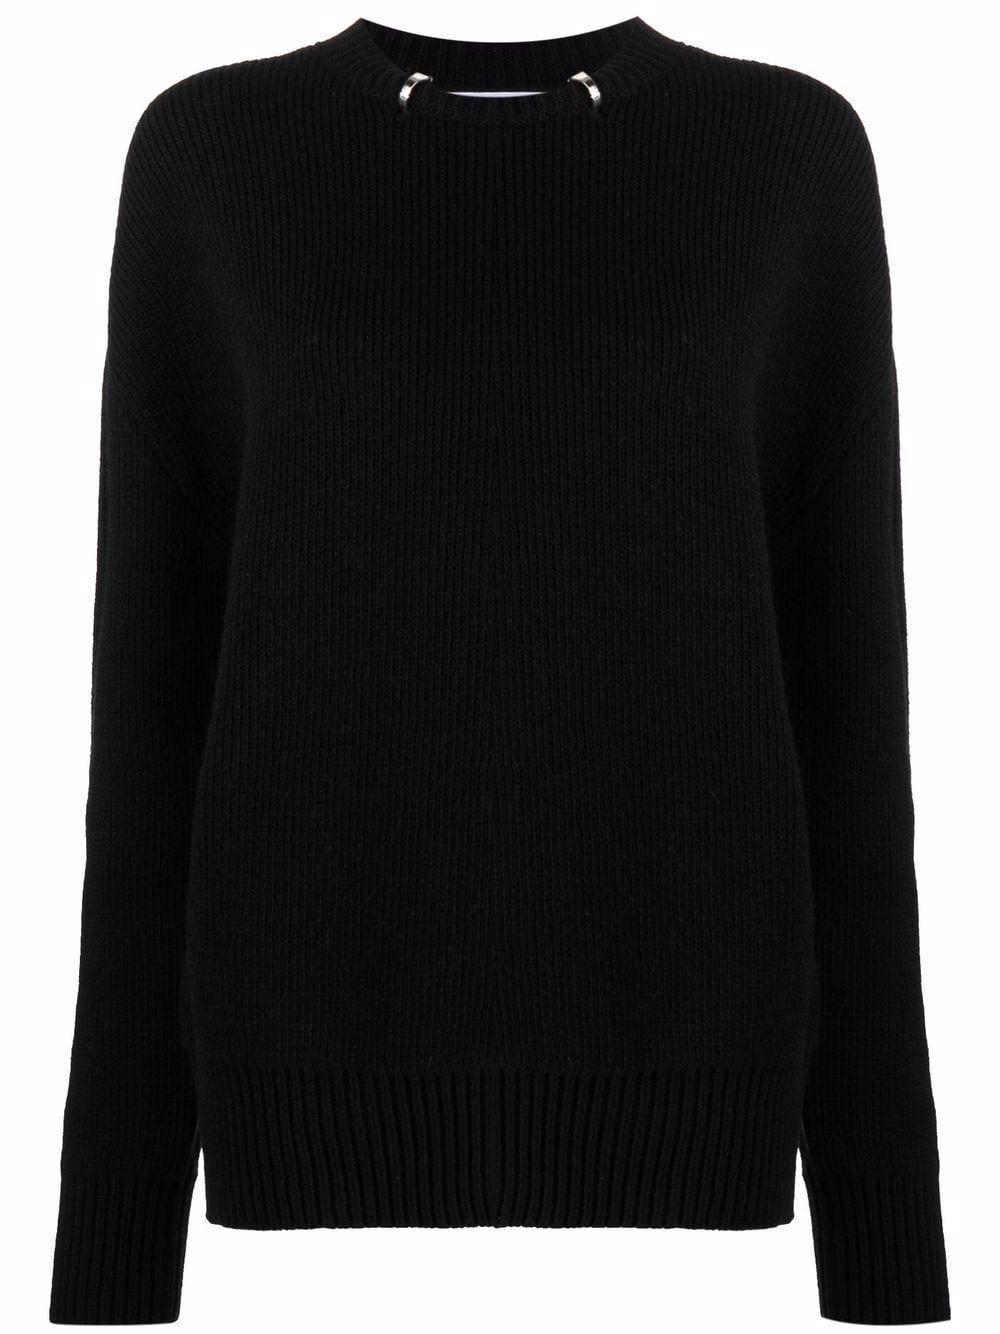 Doubleface sweater